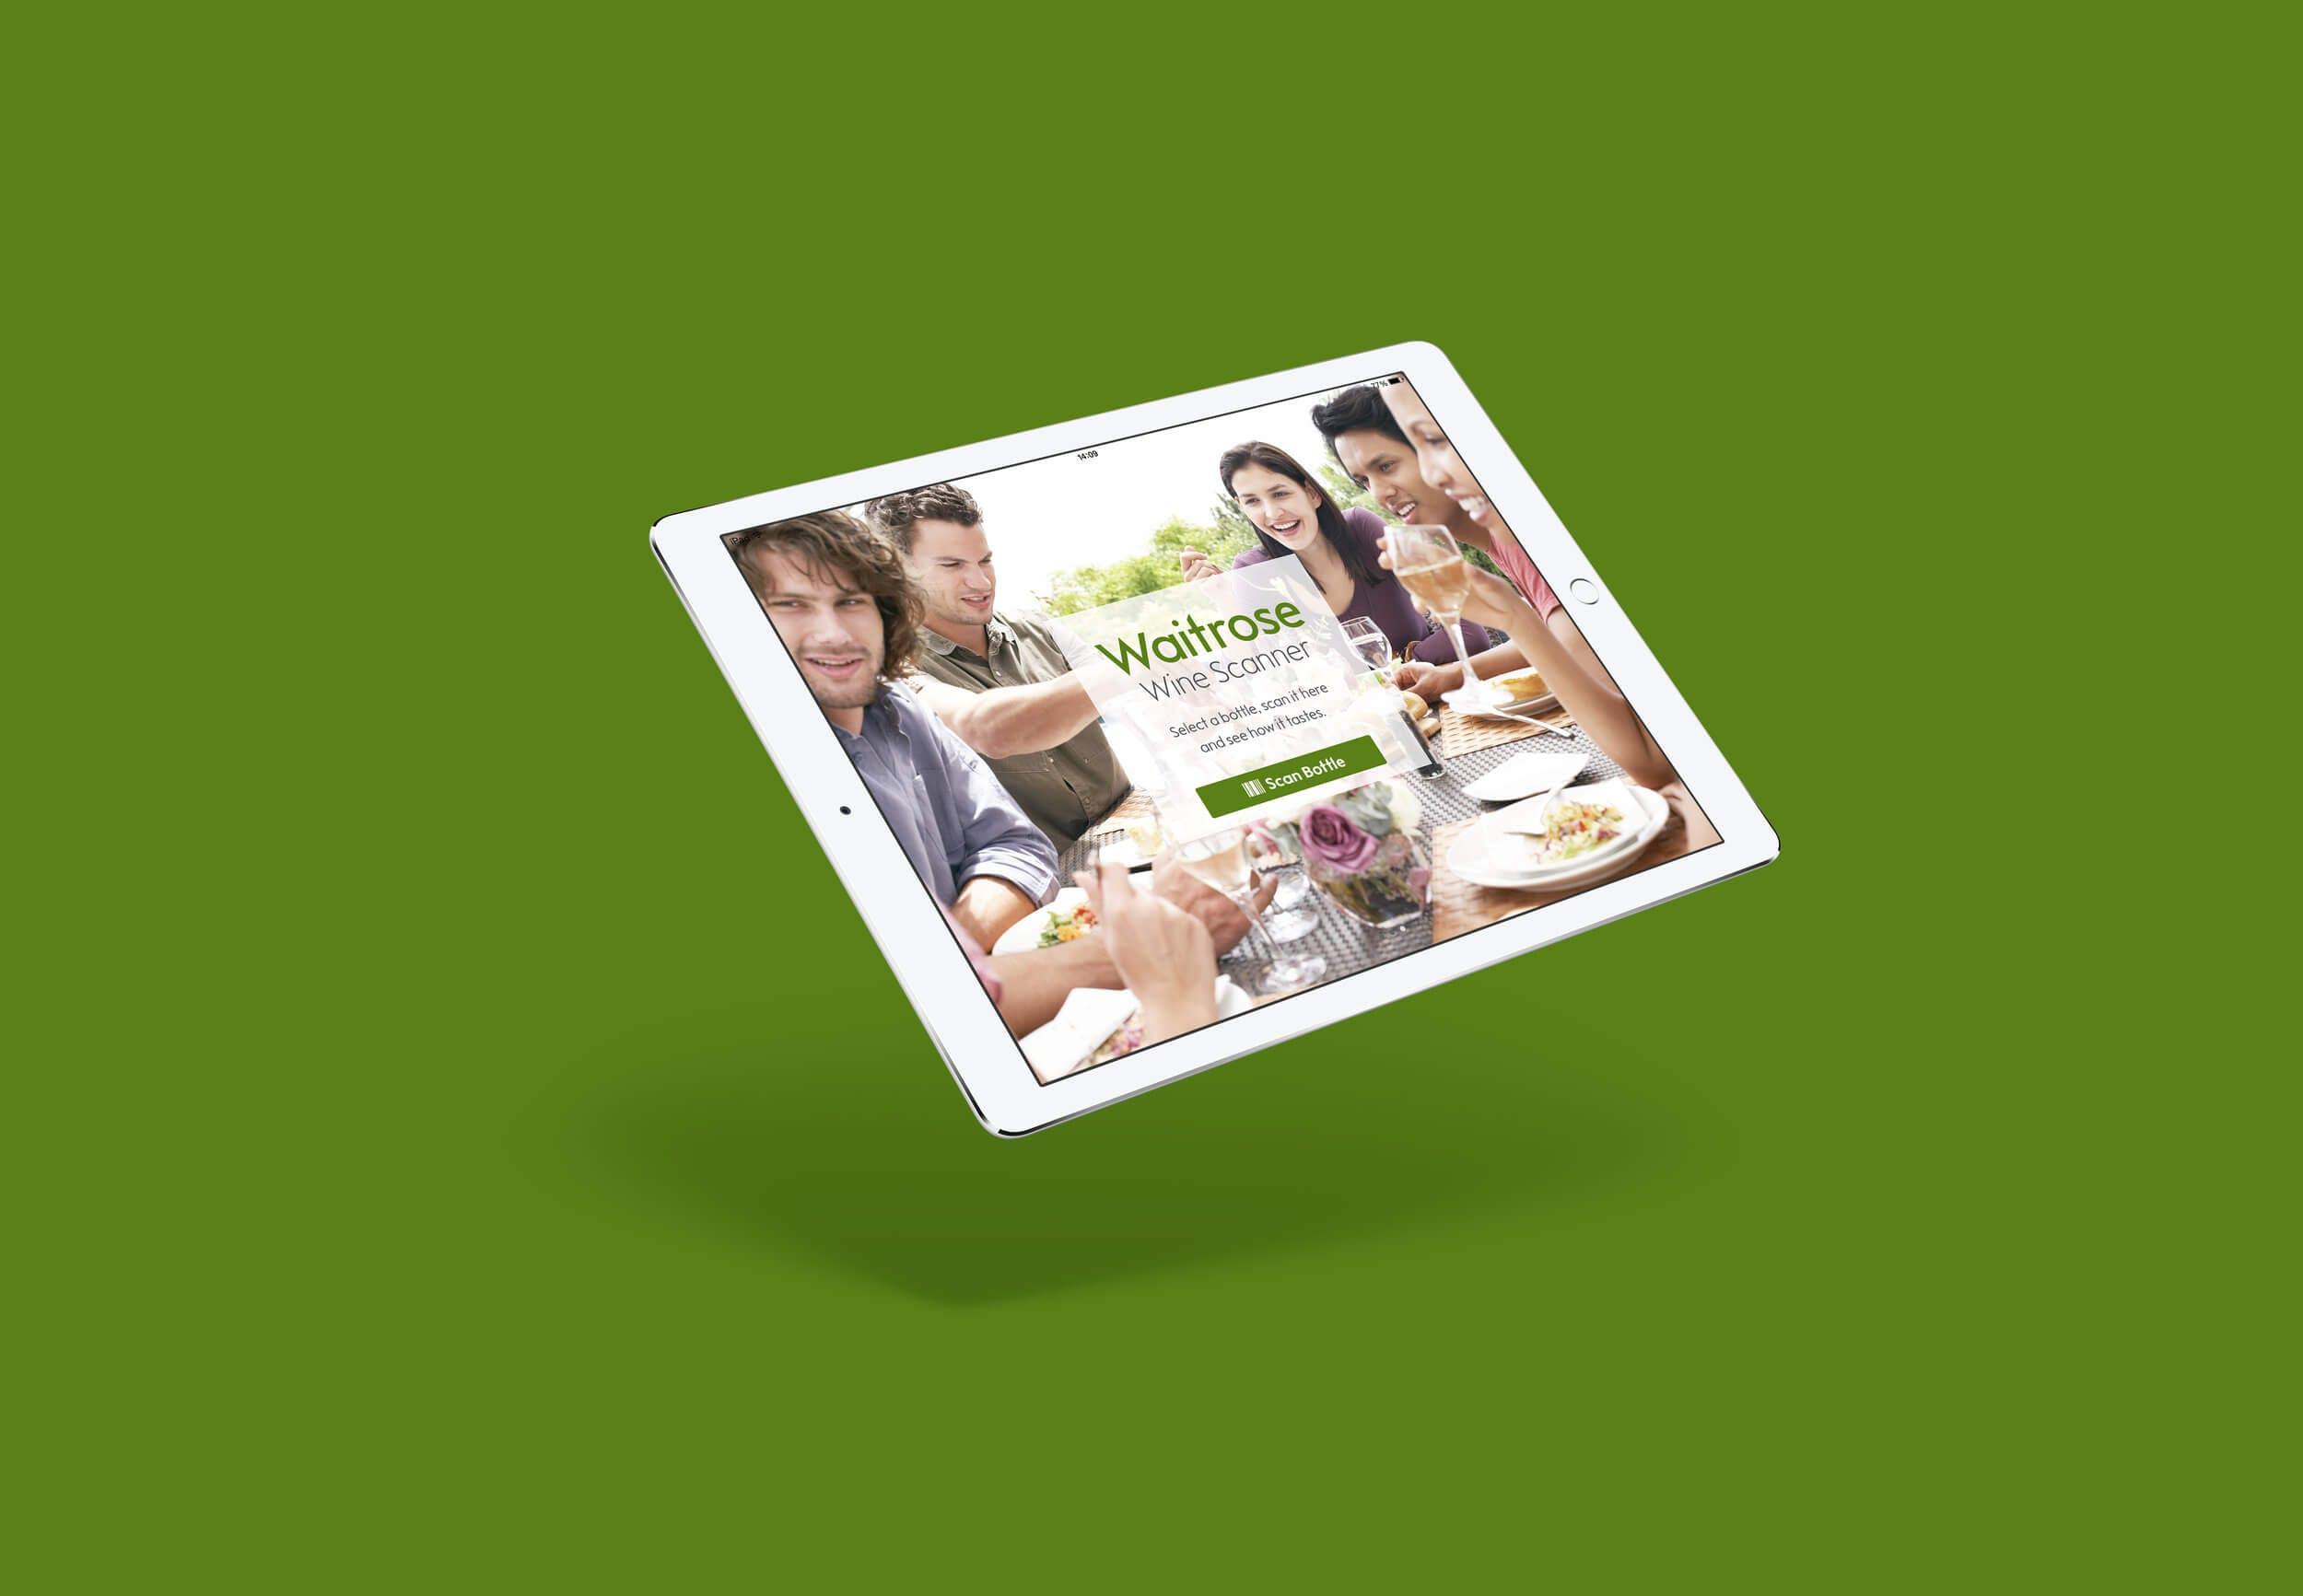 waitrose partner app